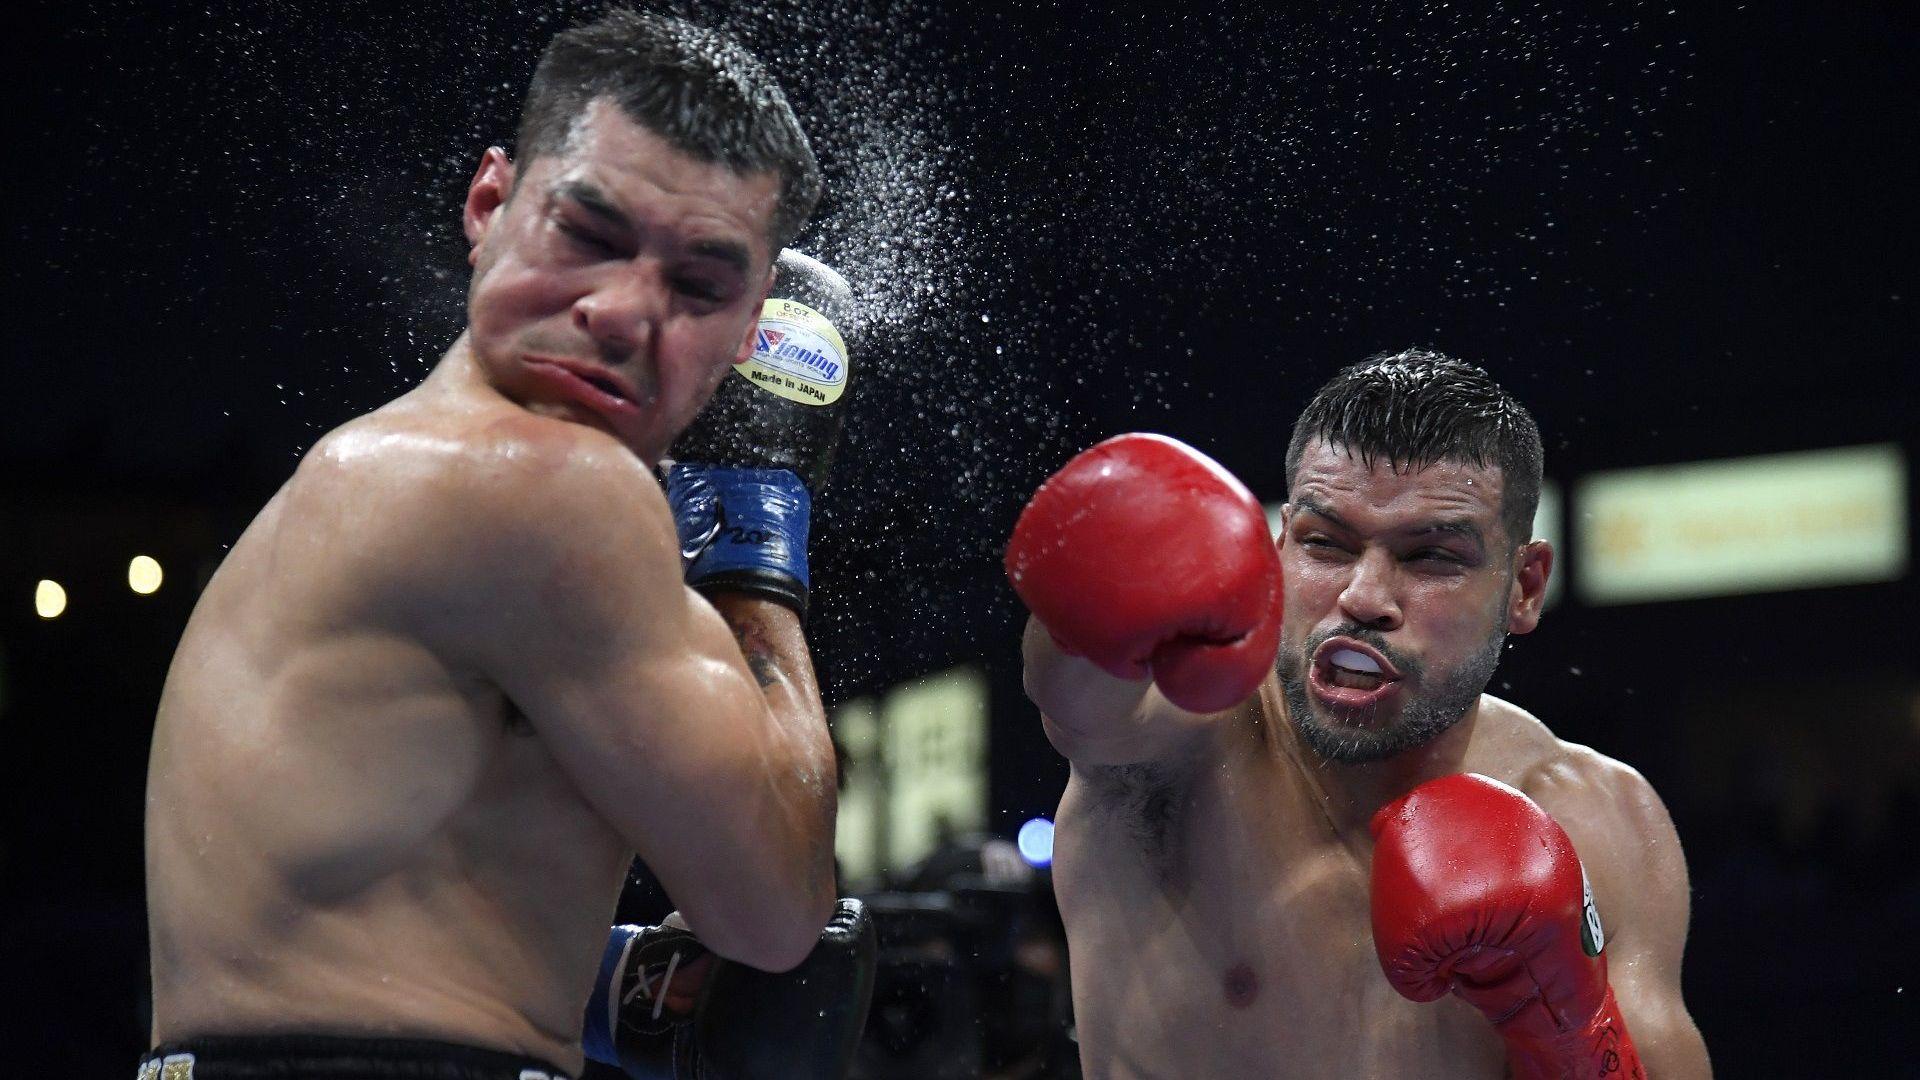 Бруталната истина за бокса: Ето какво се случва с мозъците на боксьорите